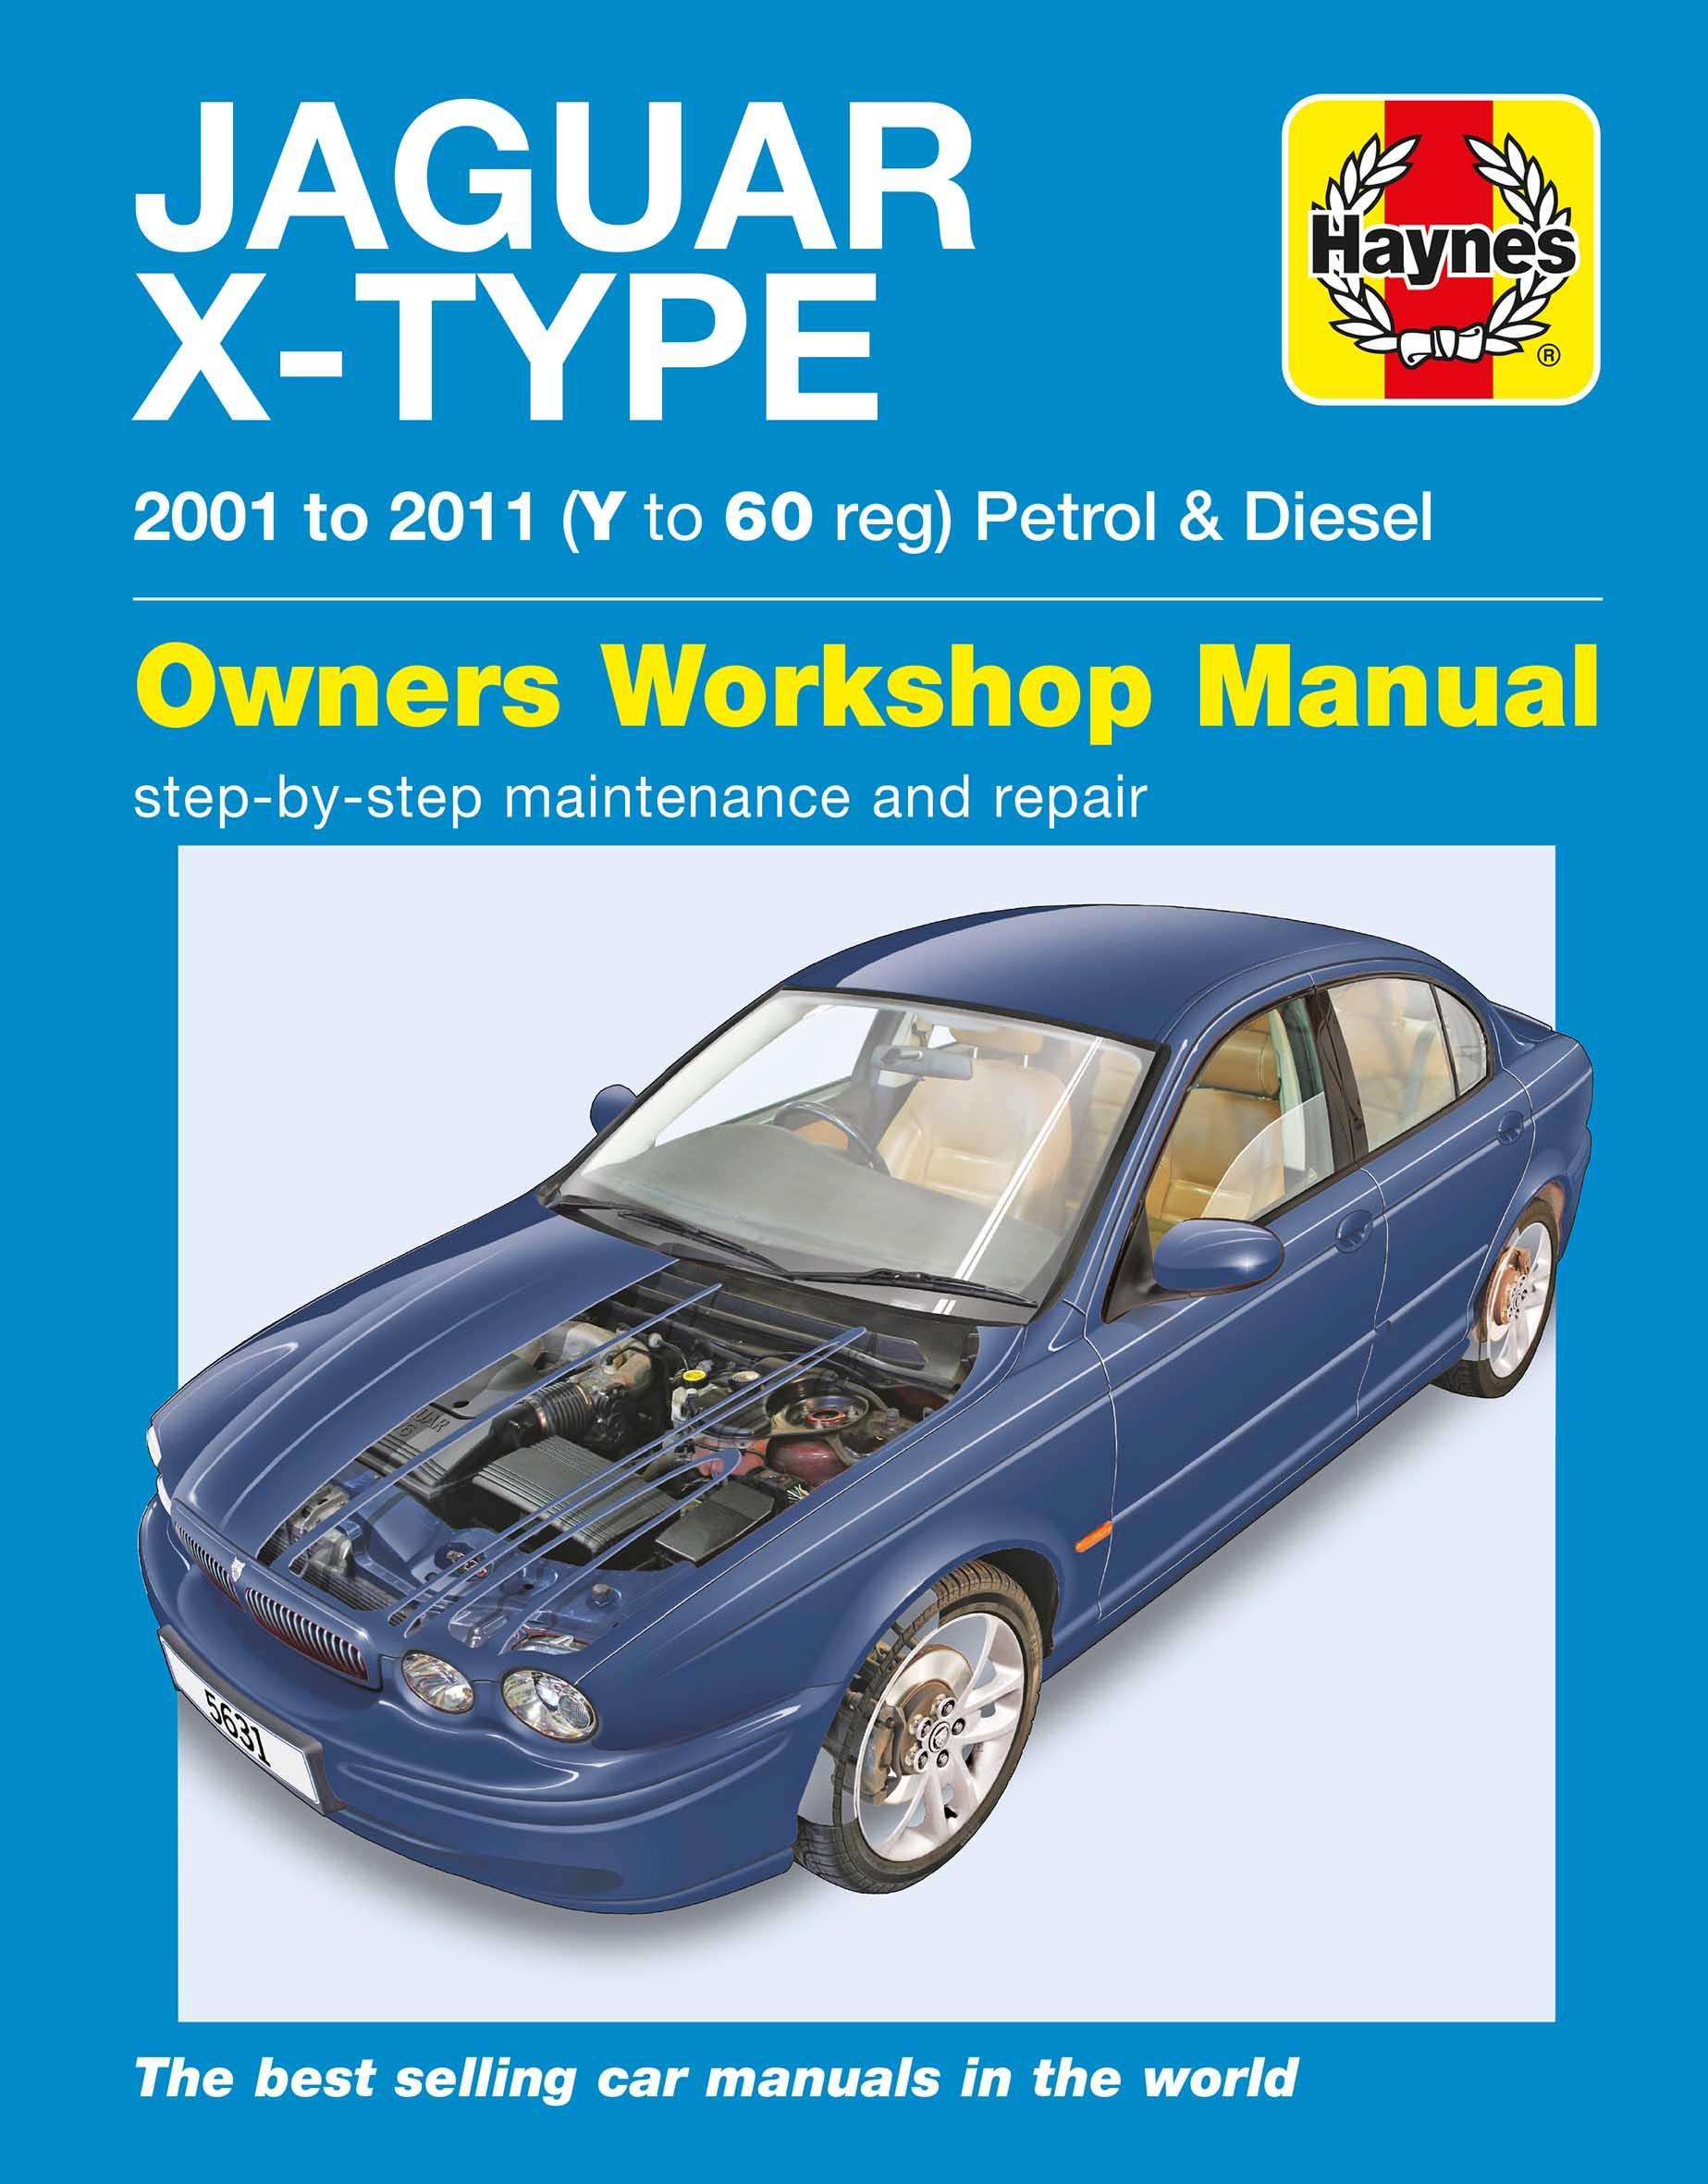 113484?w=637&h=403 haynes jaguar x type petrol & diese jaguar x type sat nav wiring diagram at bayanpartner.co